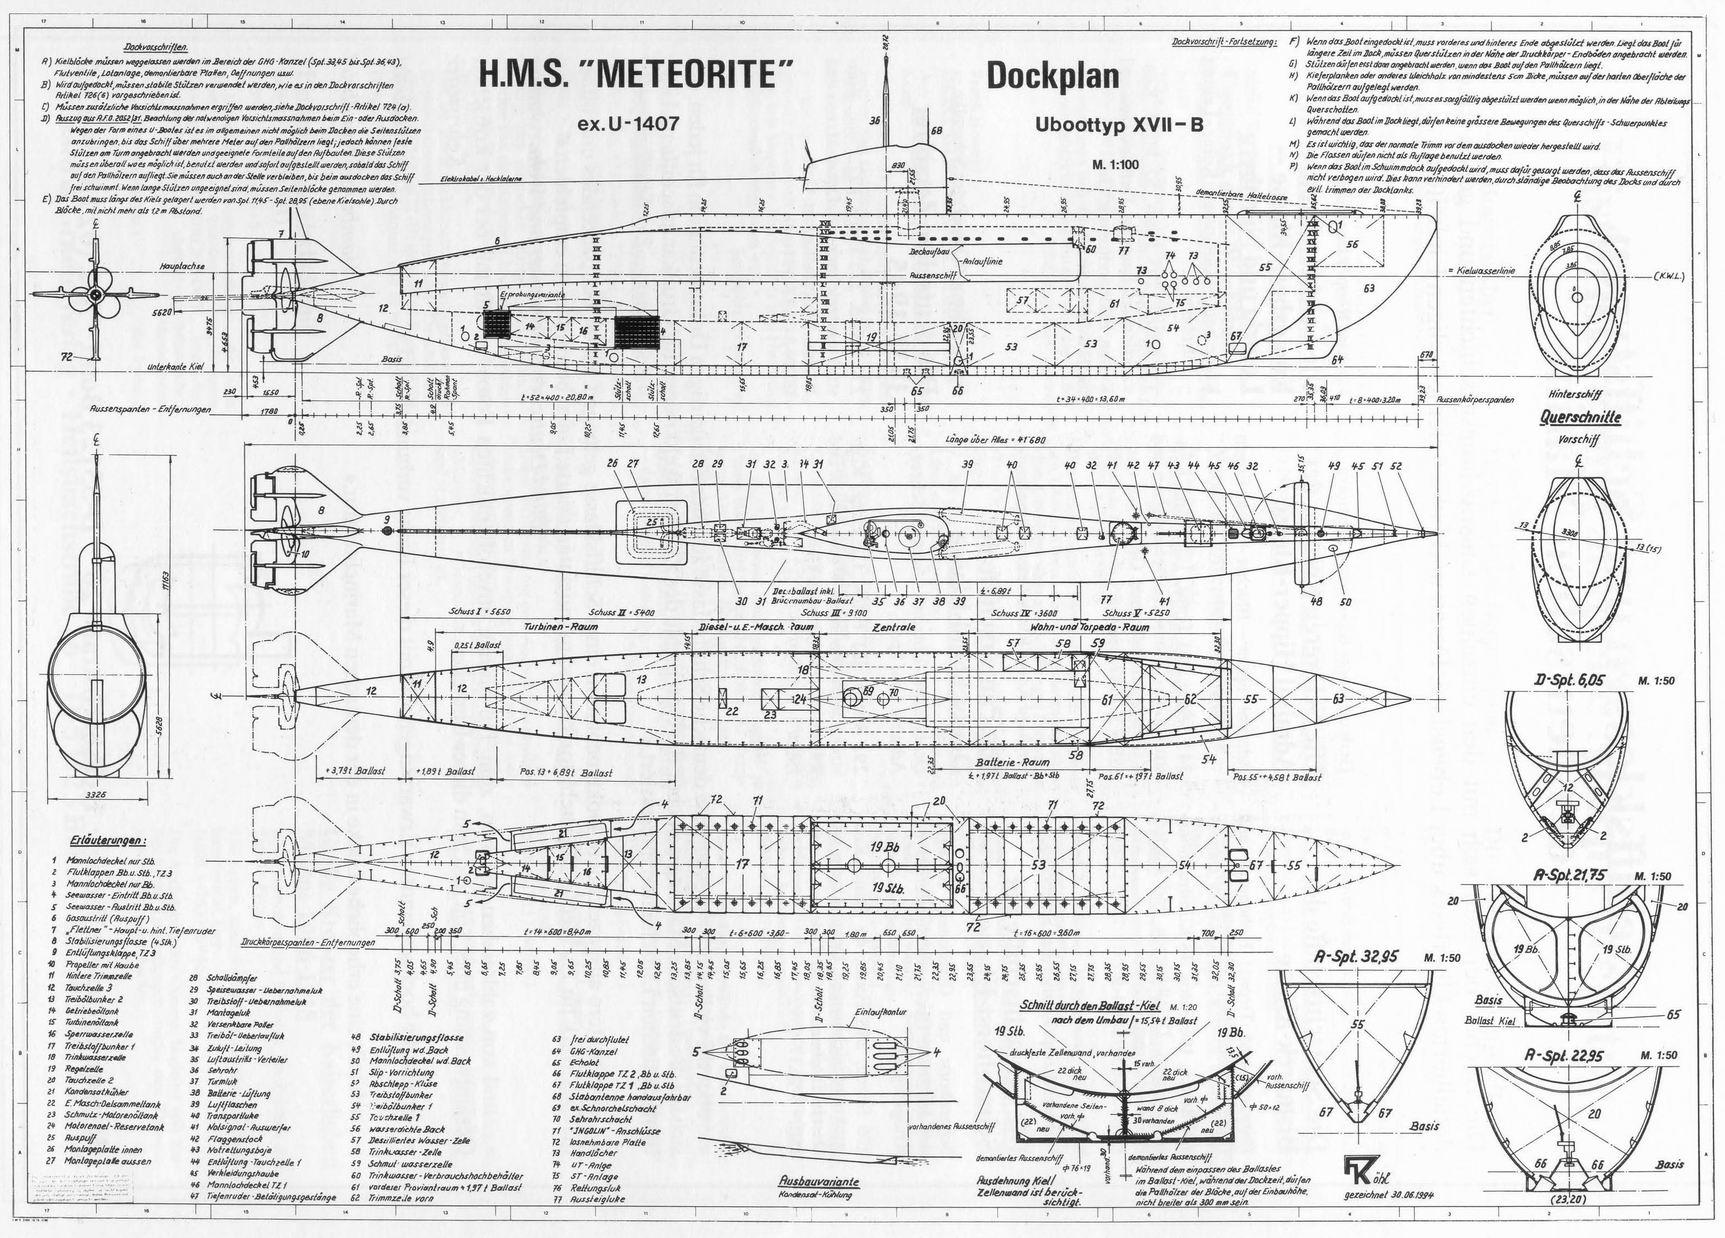 HMS Meteorite blueprint